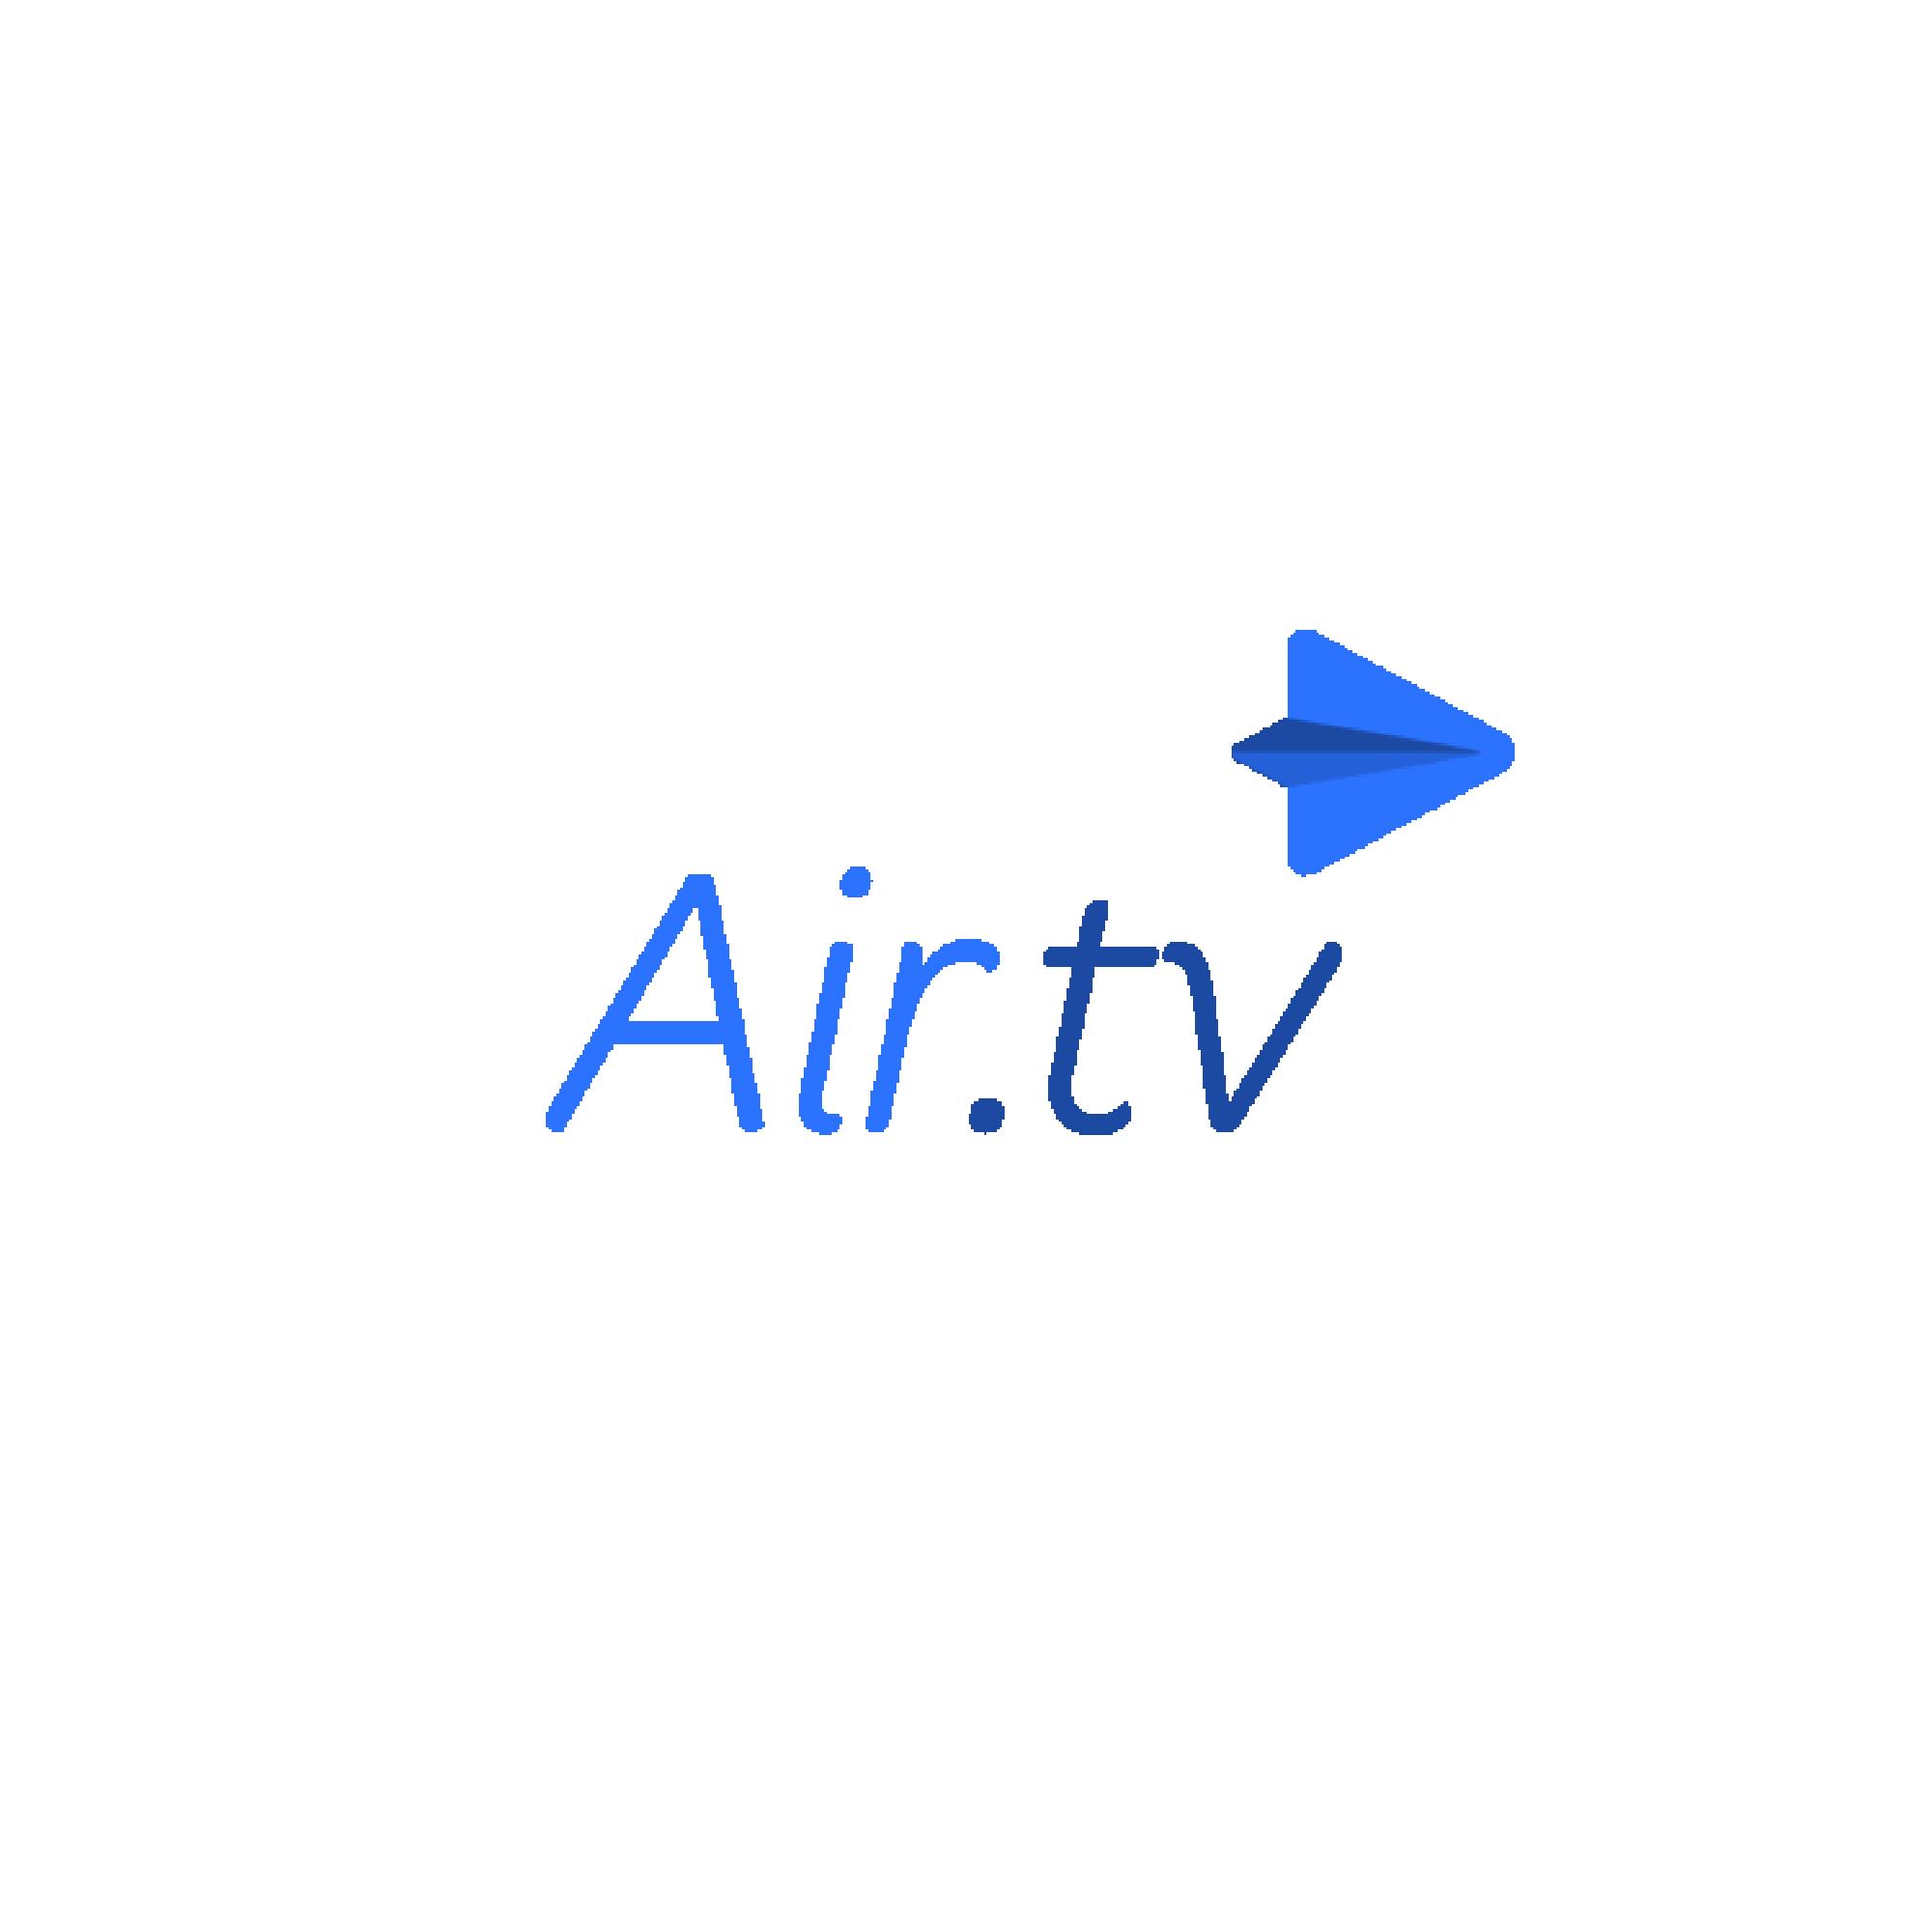 airtv.png